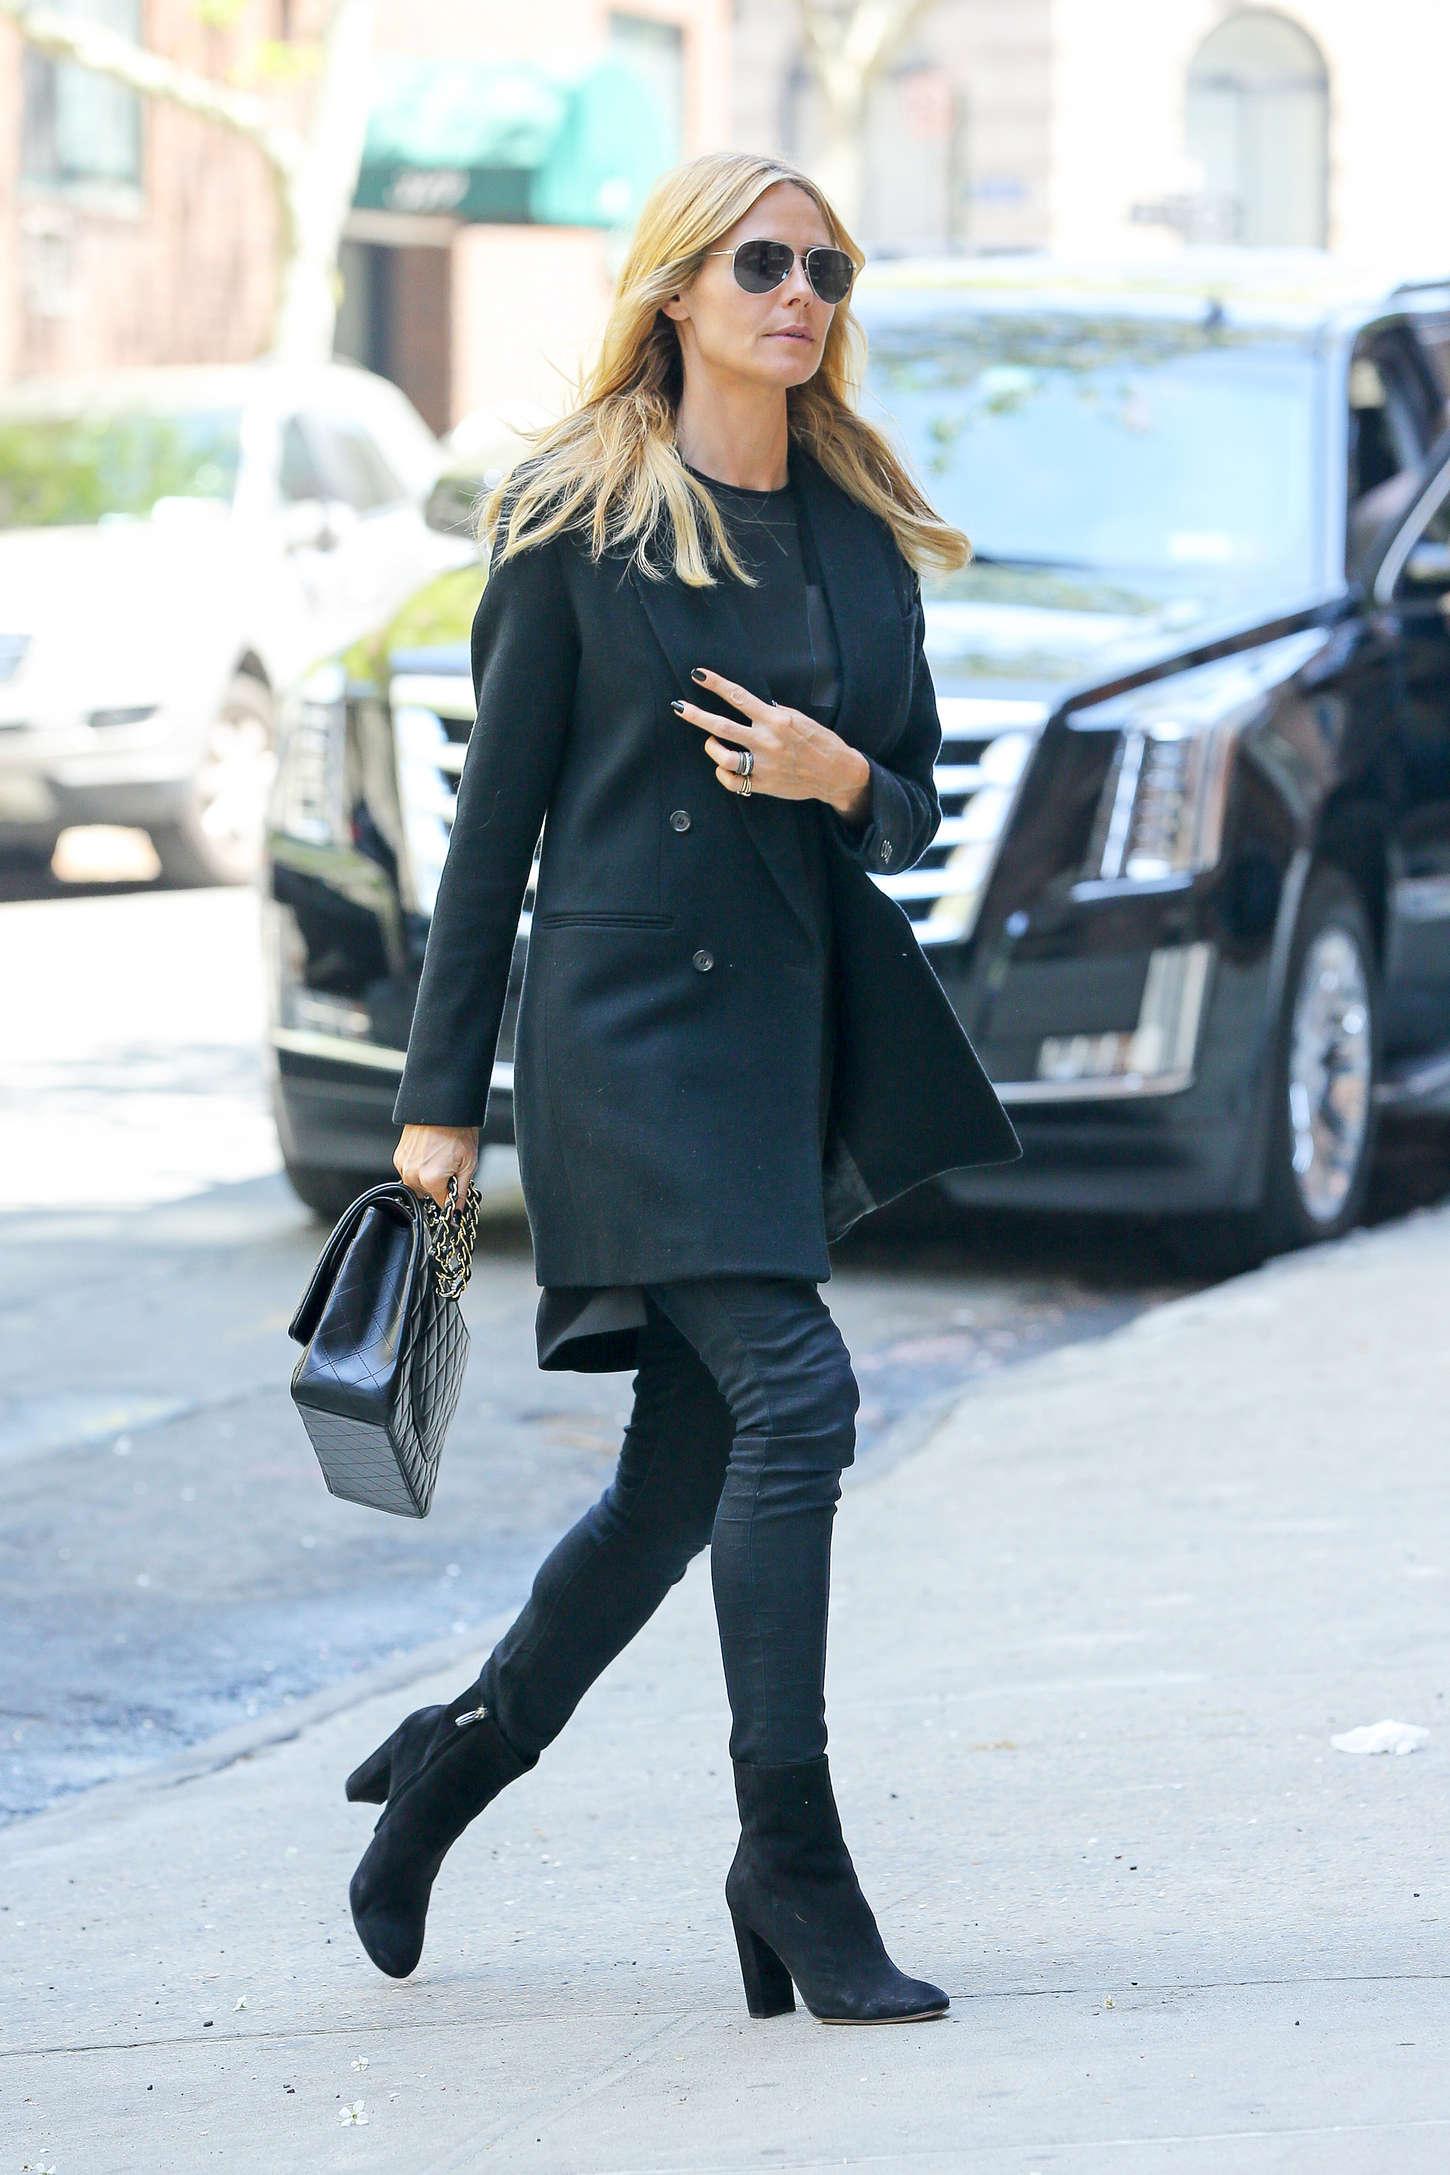 Heidi Klum 2015 : Heidi Klum in jeans -16